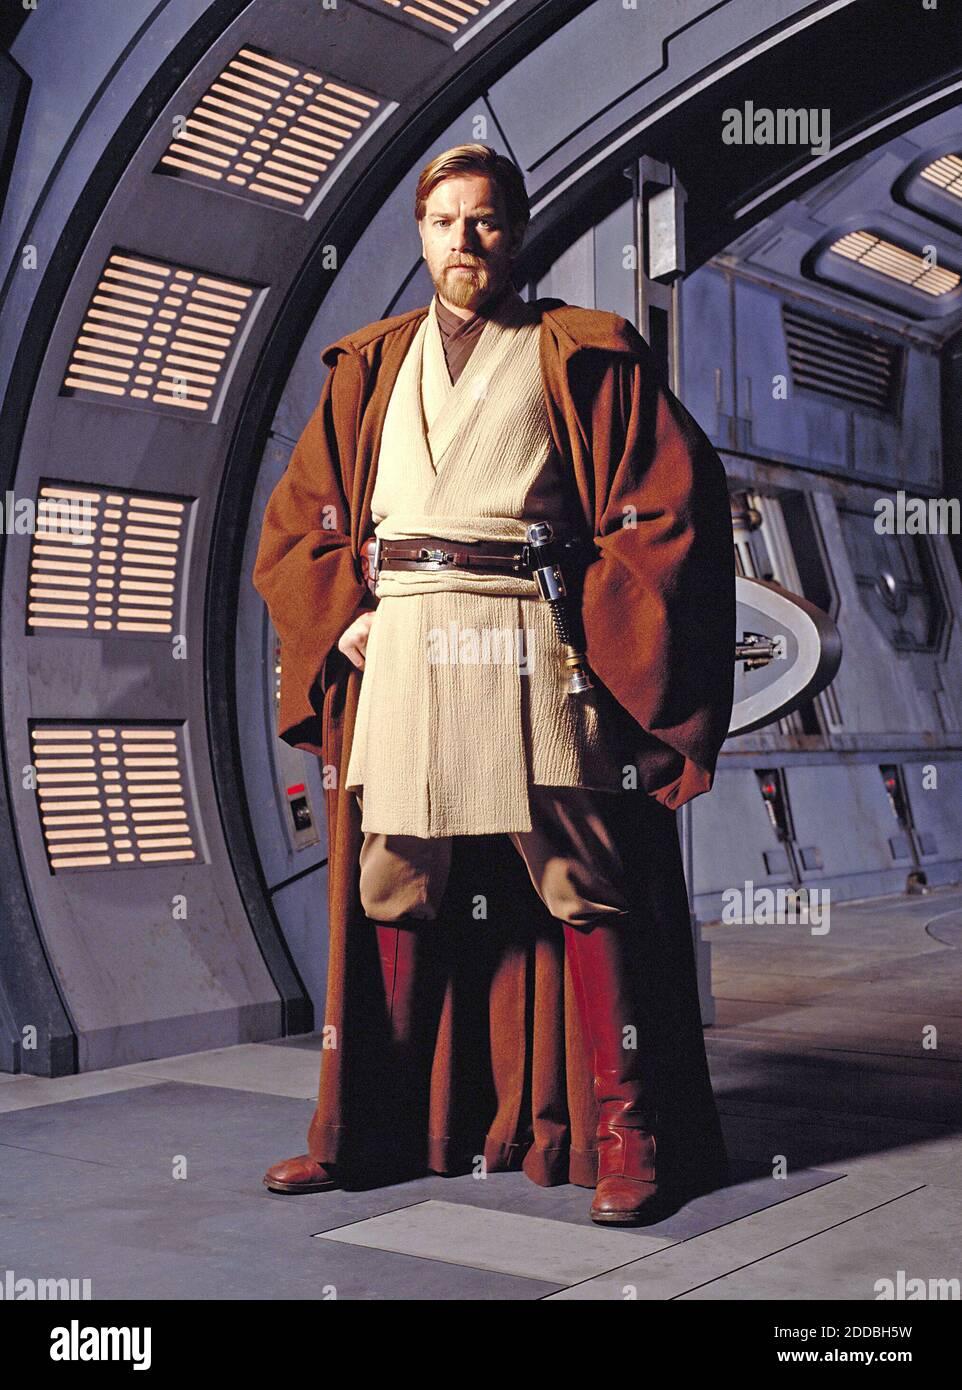 KEIN FILM, KEIN VIDEO, KEIN Fernsehen, KEIN DOKUMENTARFILM - Obi-Wan Kenobi (Ewan McGregor) in seinen Jedi-Roben, in Star Wars. Foto von KRT/ABACAPRESS.COM Stockfoto